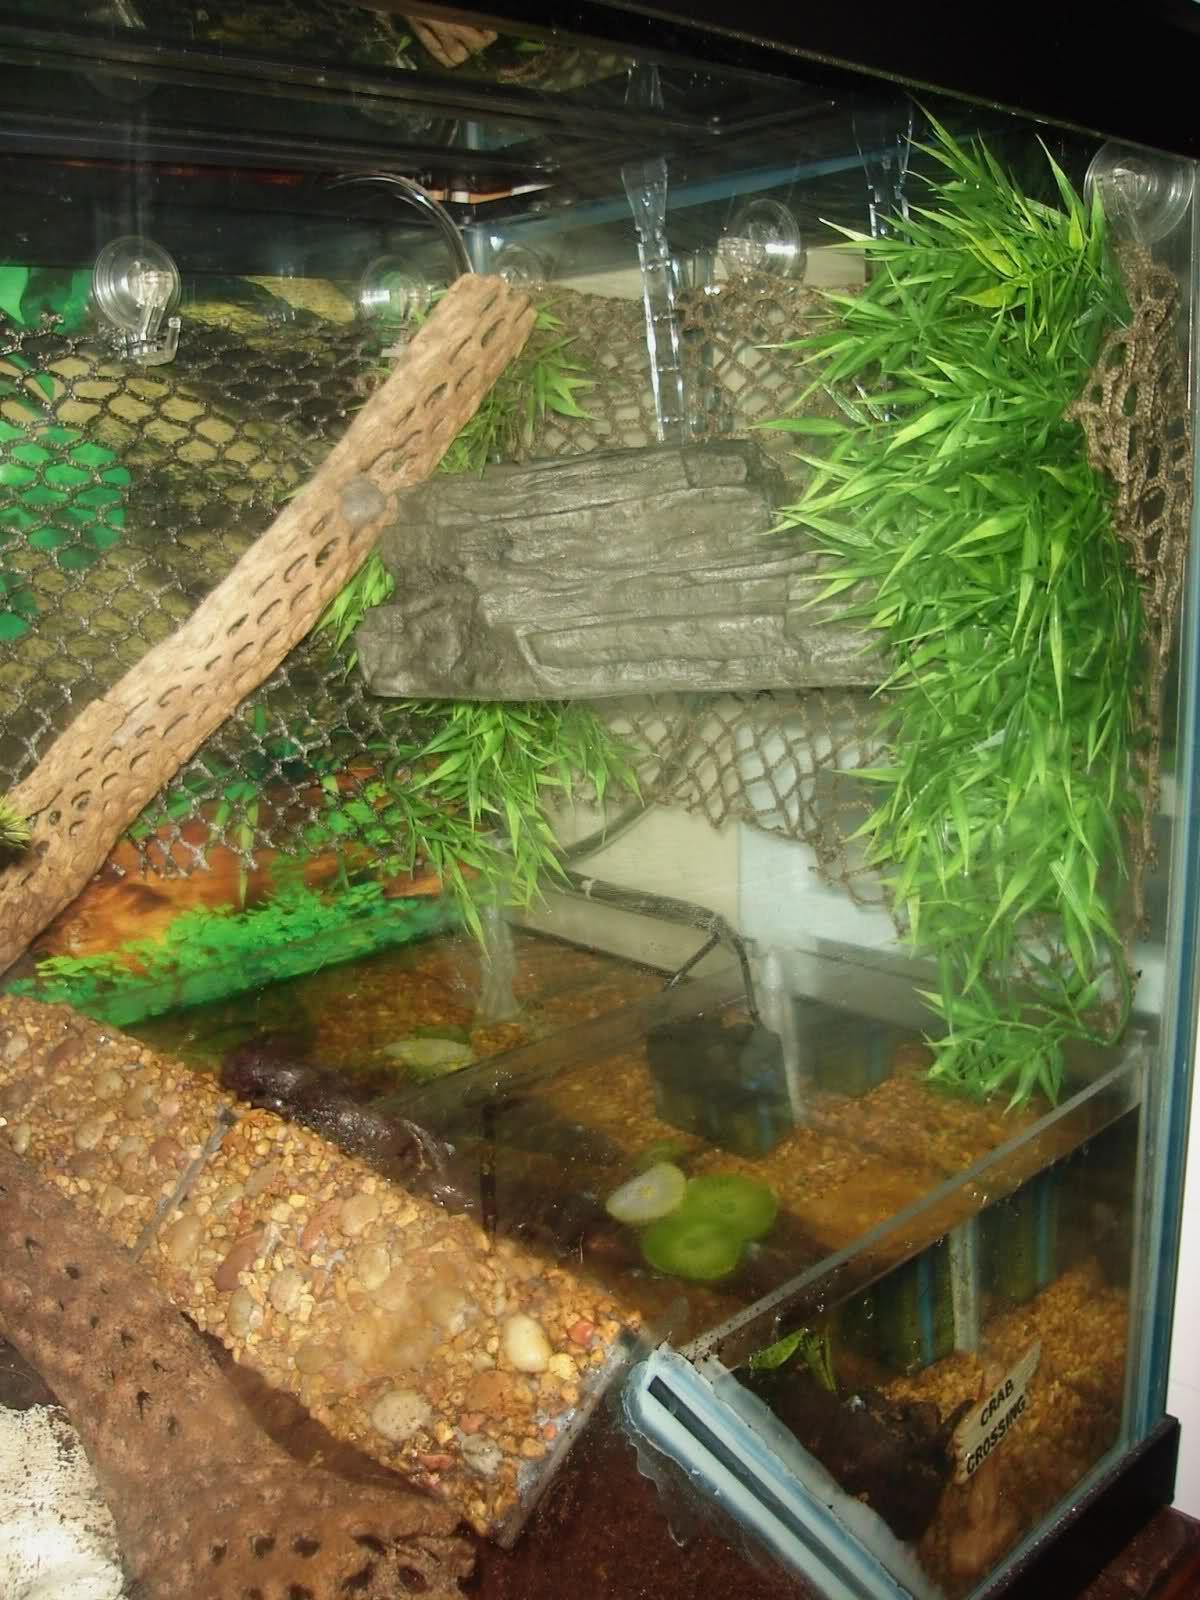 Hermit Crab Habitat